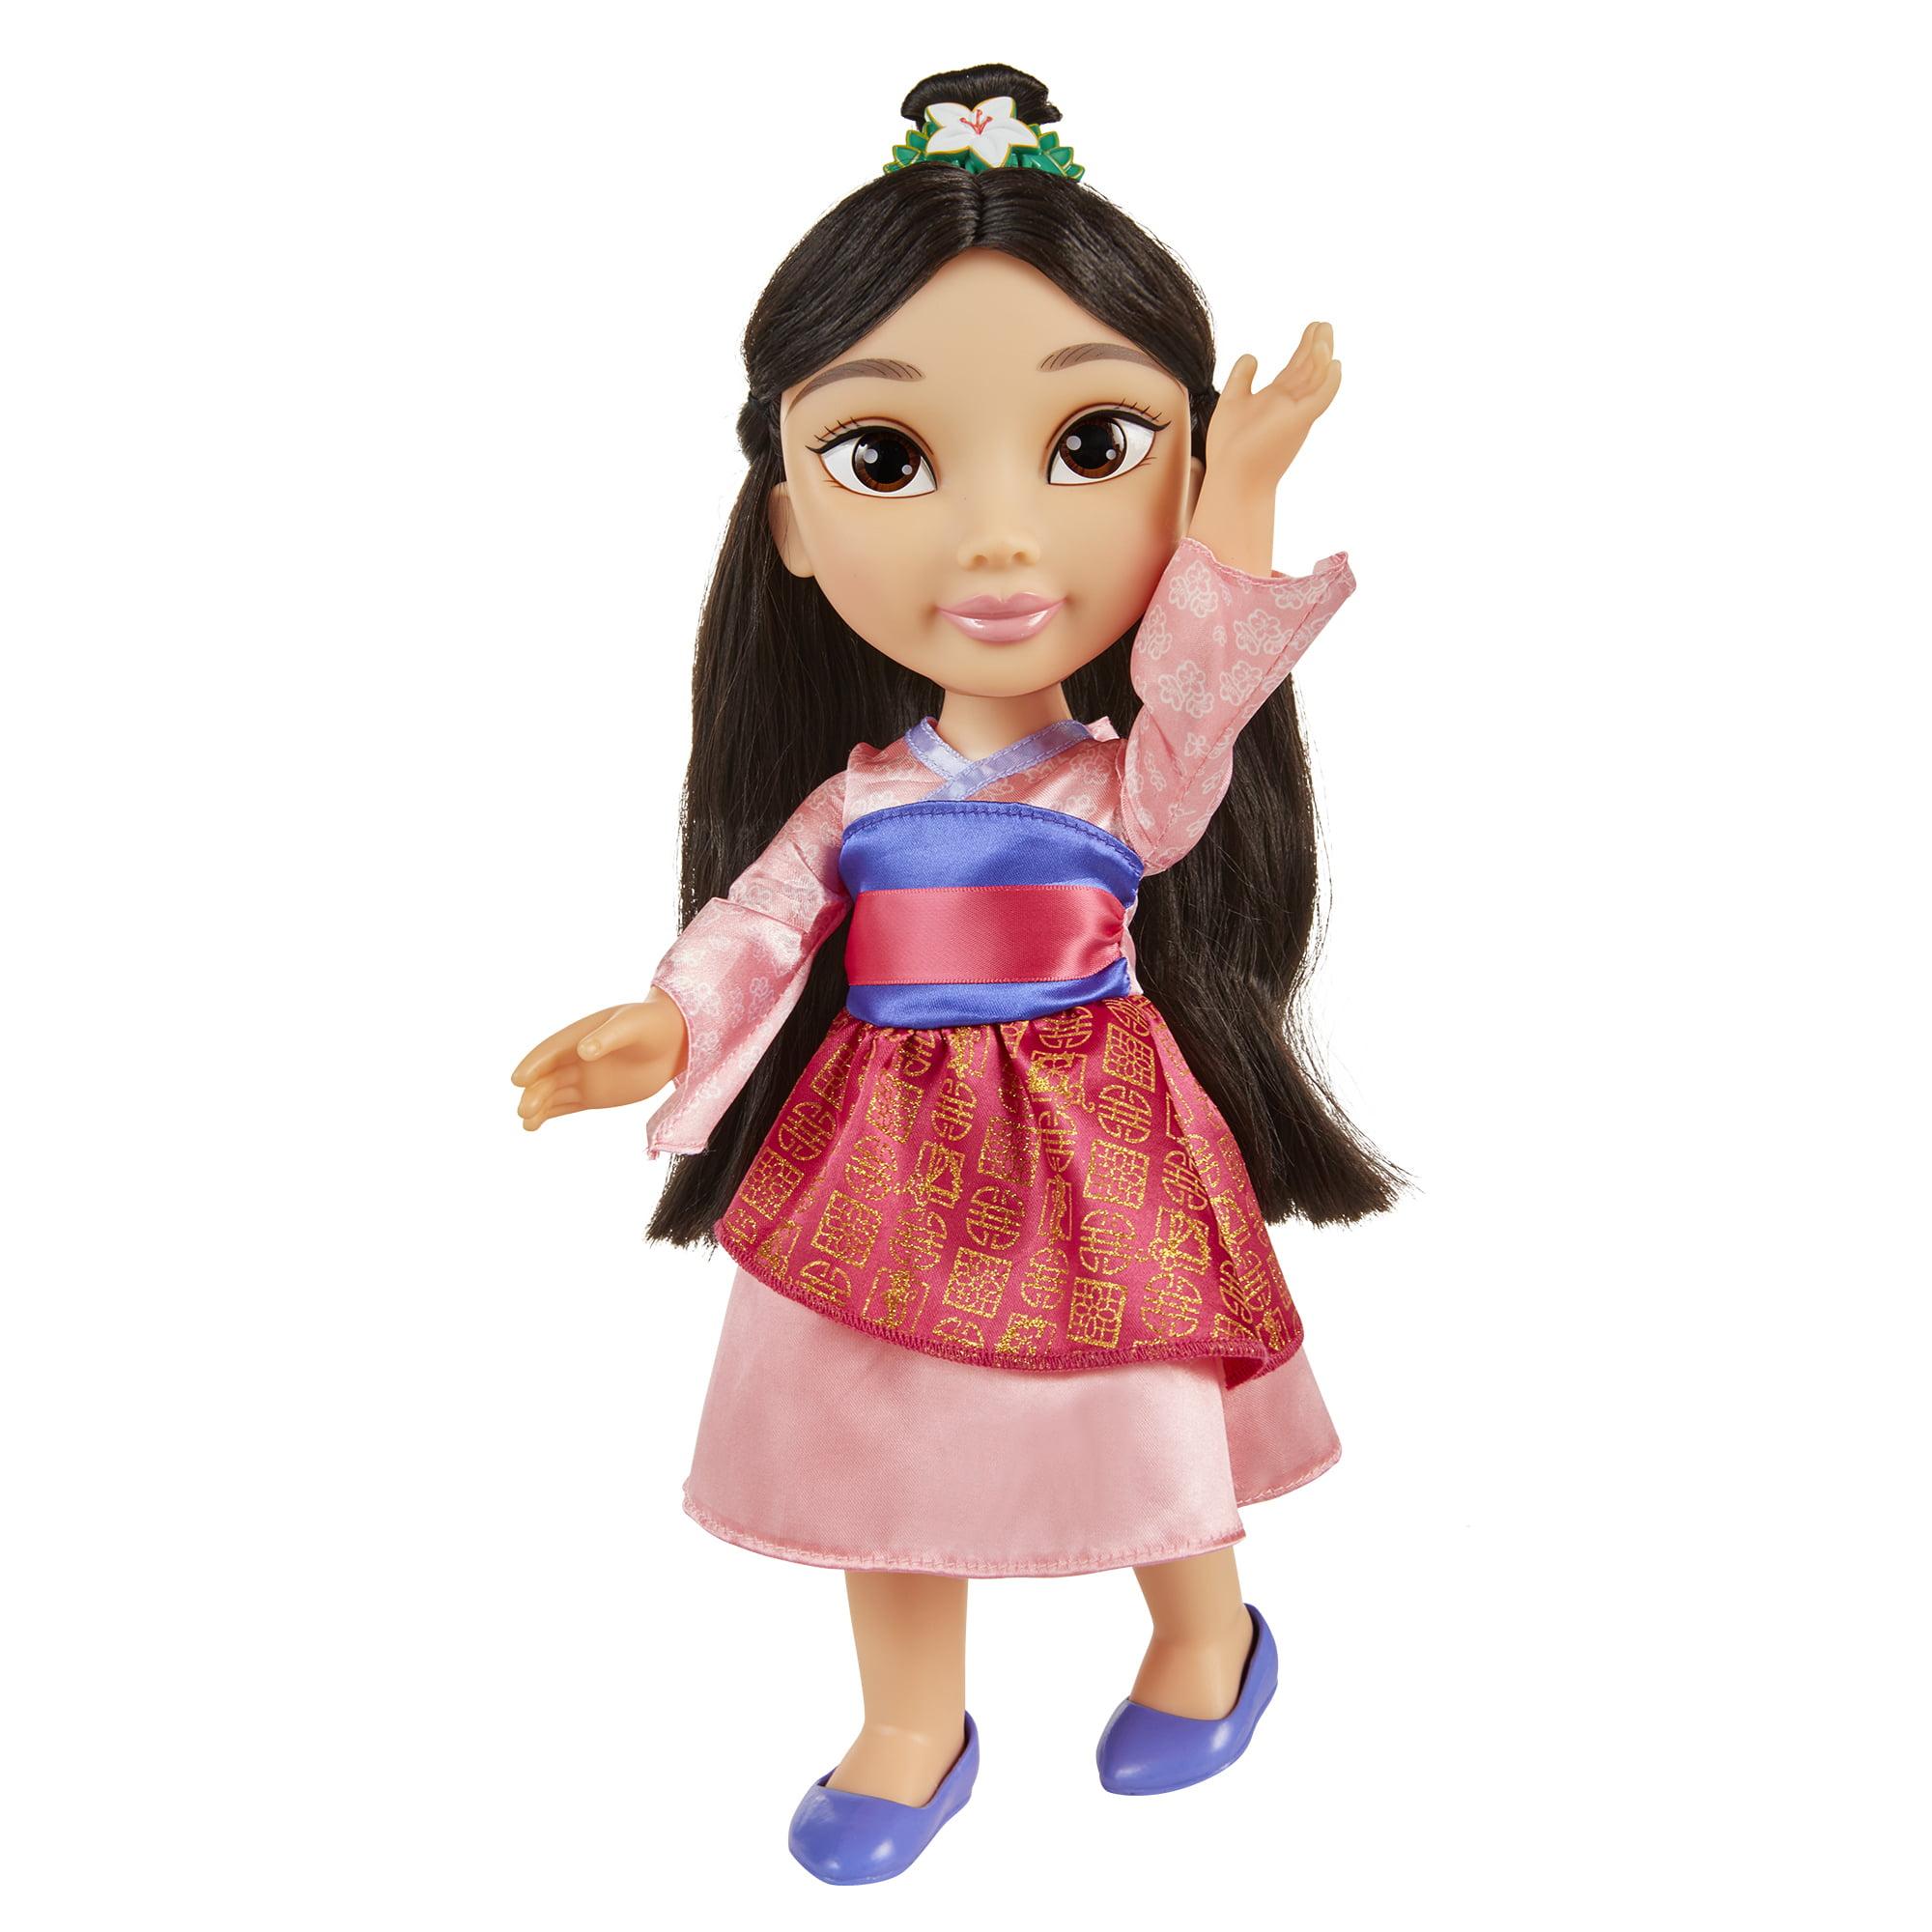 Disney Princess Toddler Mulan by Jakks Pacific